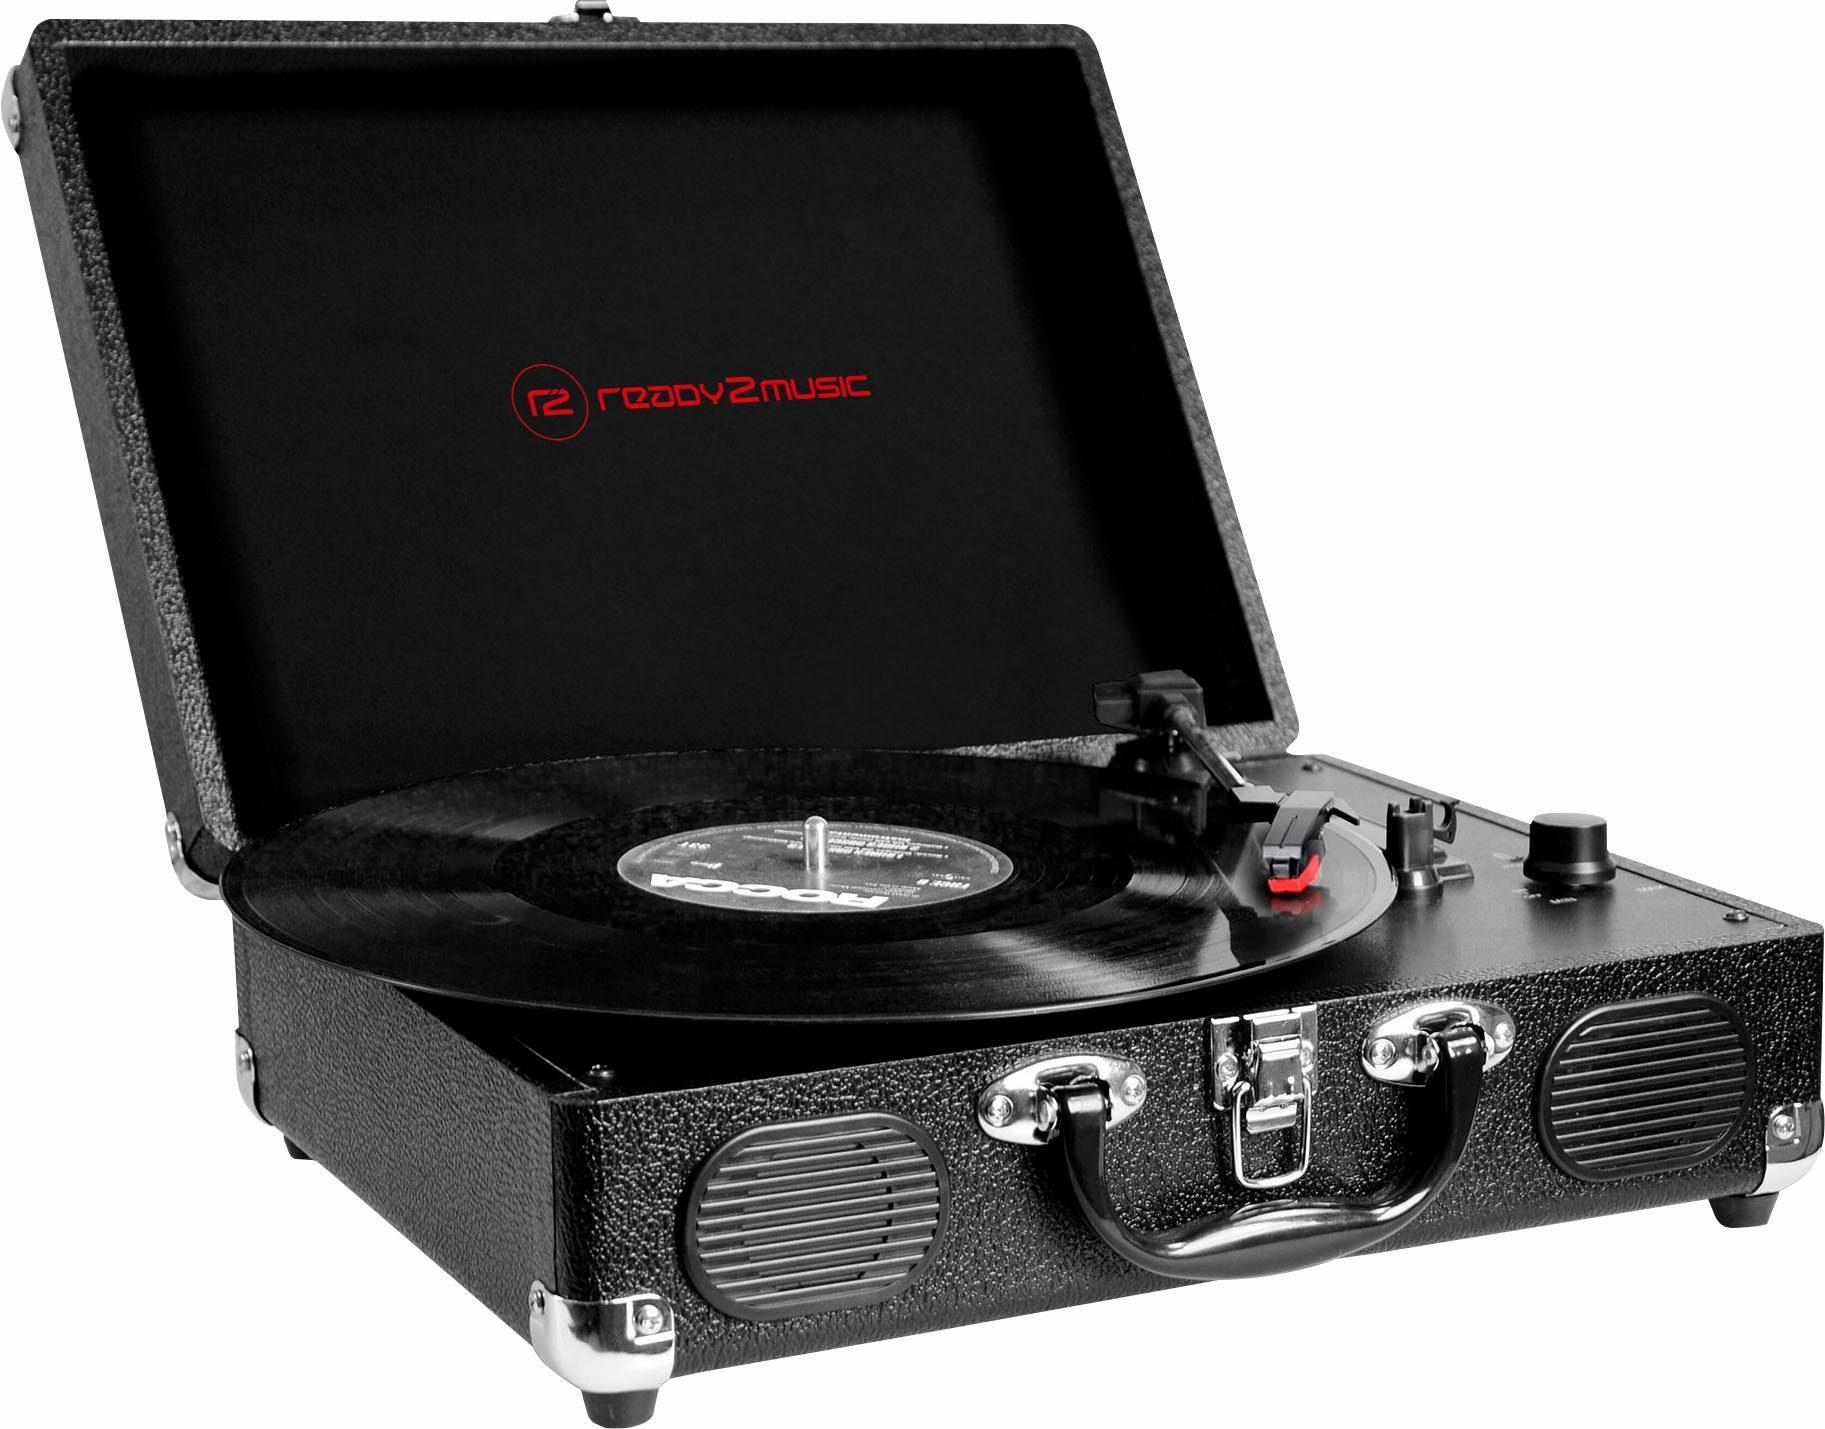 ready2music Graceland Plattenspieler